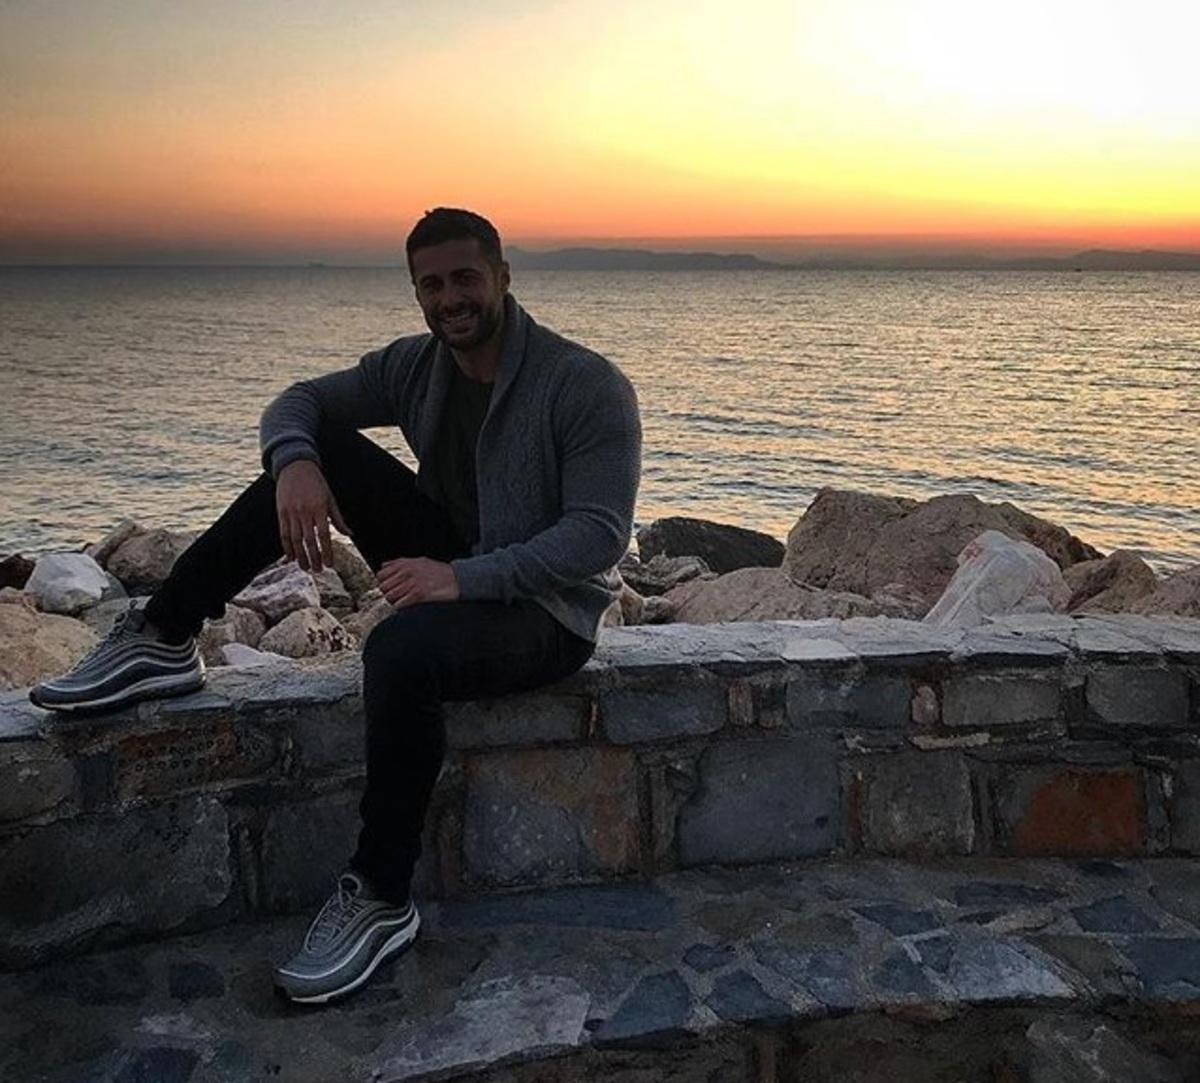 Κωνσταντίνος Βασάλος: Στον Βόλο για το τριήμερο… χωρίς την Ευρυδίκη Βαλαβάνη! [pic] | Newsit.gr